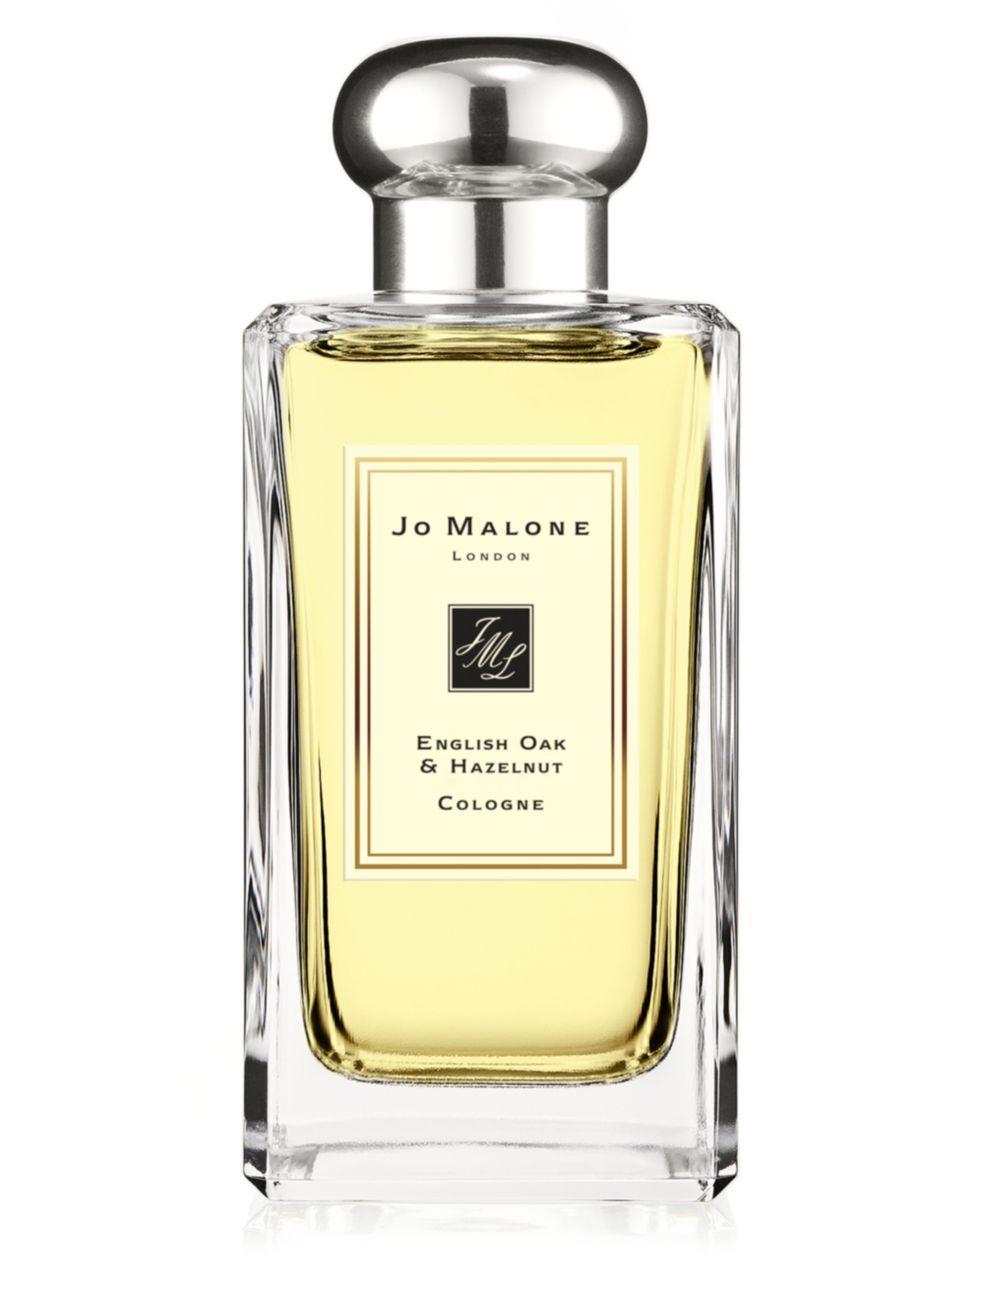 Jo Malone English Oak and Hazelnut Cologne ($65)